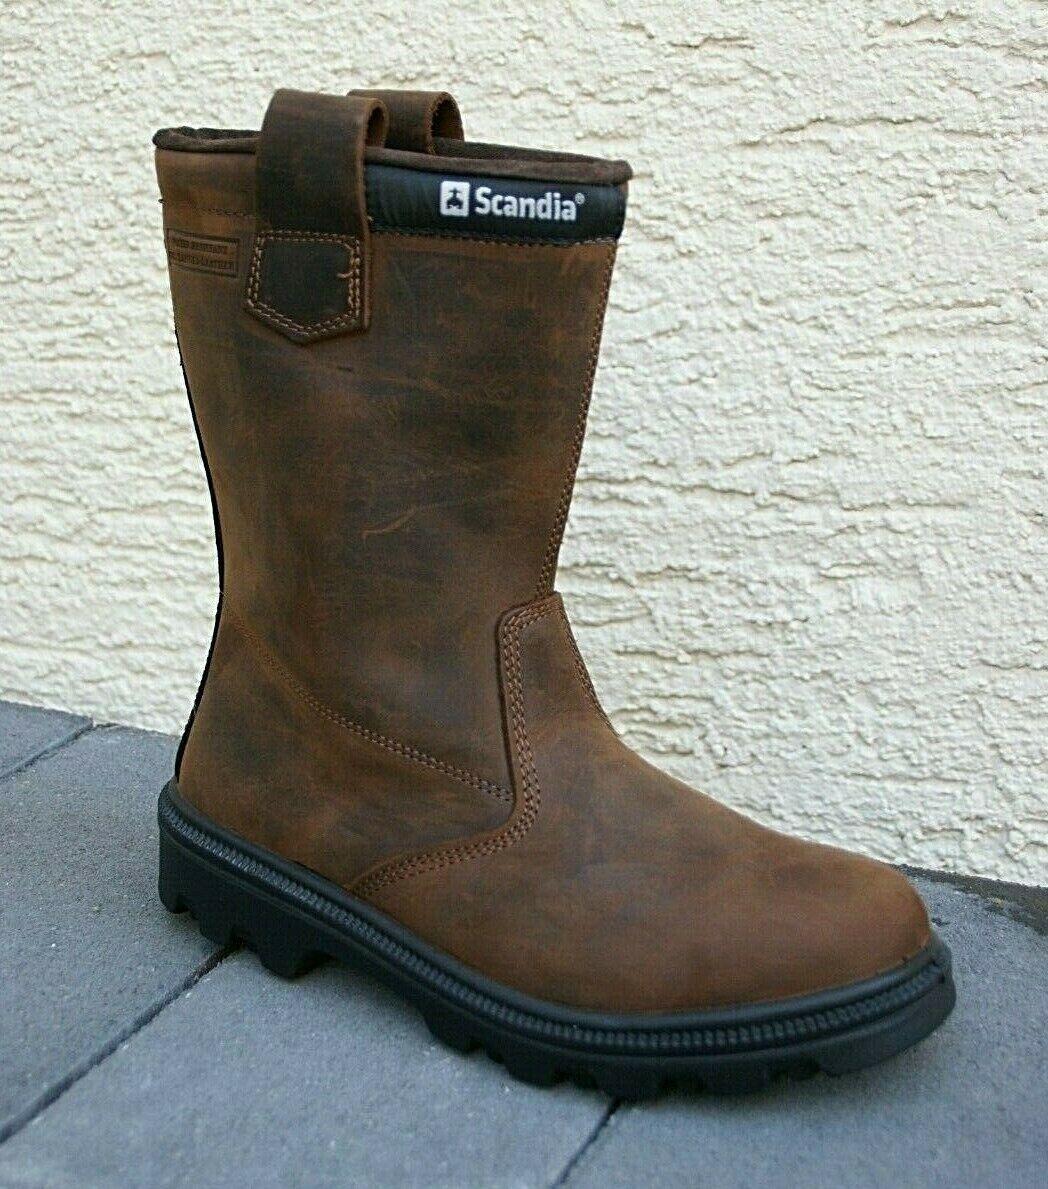 Scandia Raider 55737 S3 Sicherheitsschuhe Arbeitsschuhe Stiefel Rigger Boots Agrar, Forst & Kommune Arbeitskleidung & -schutz